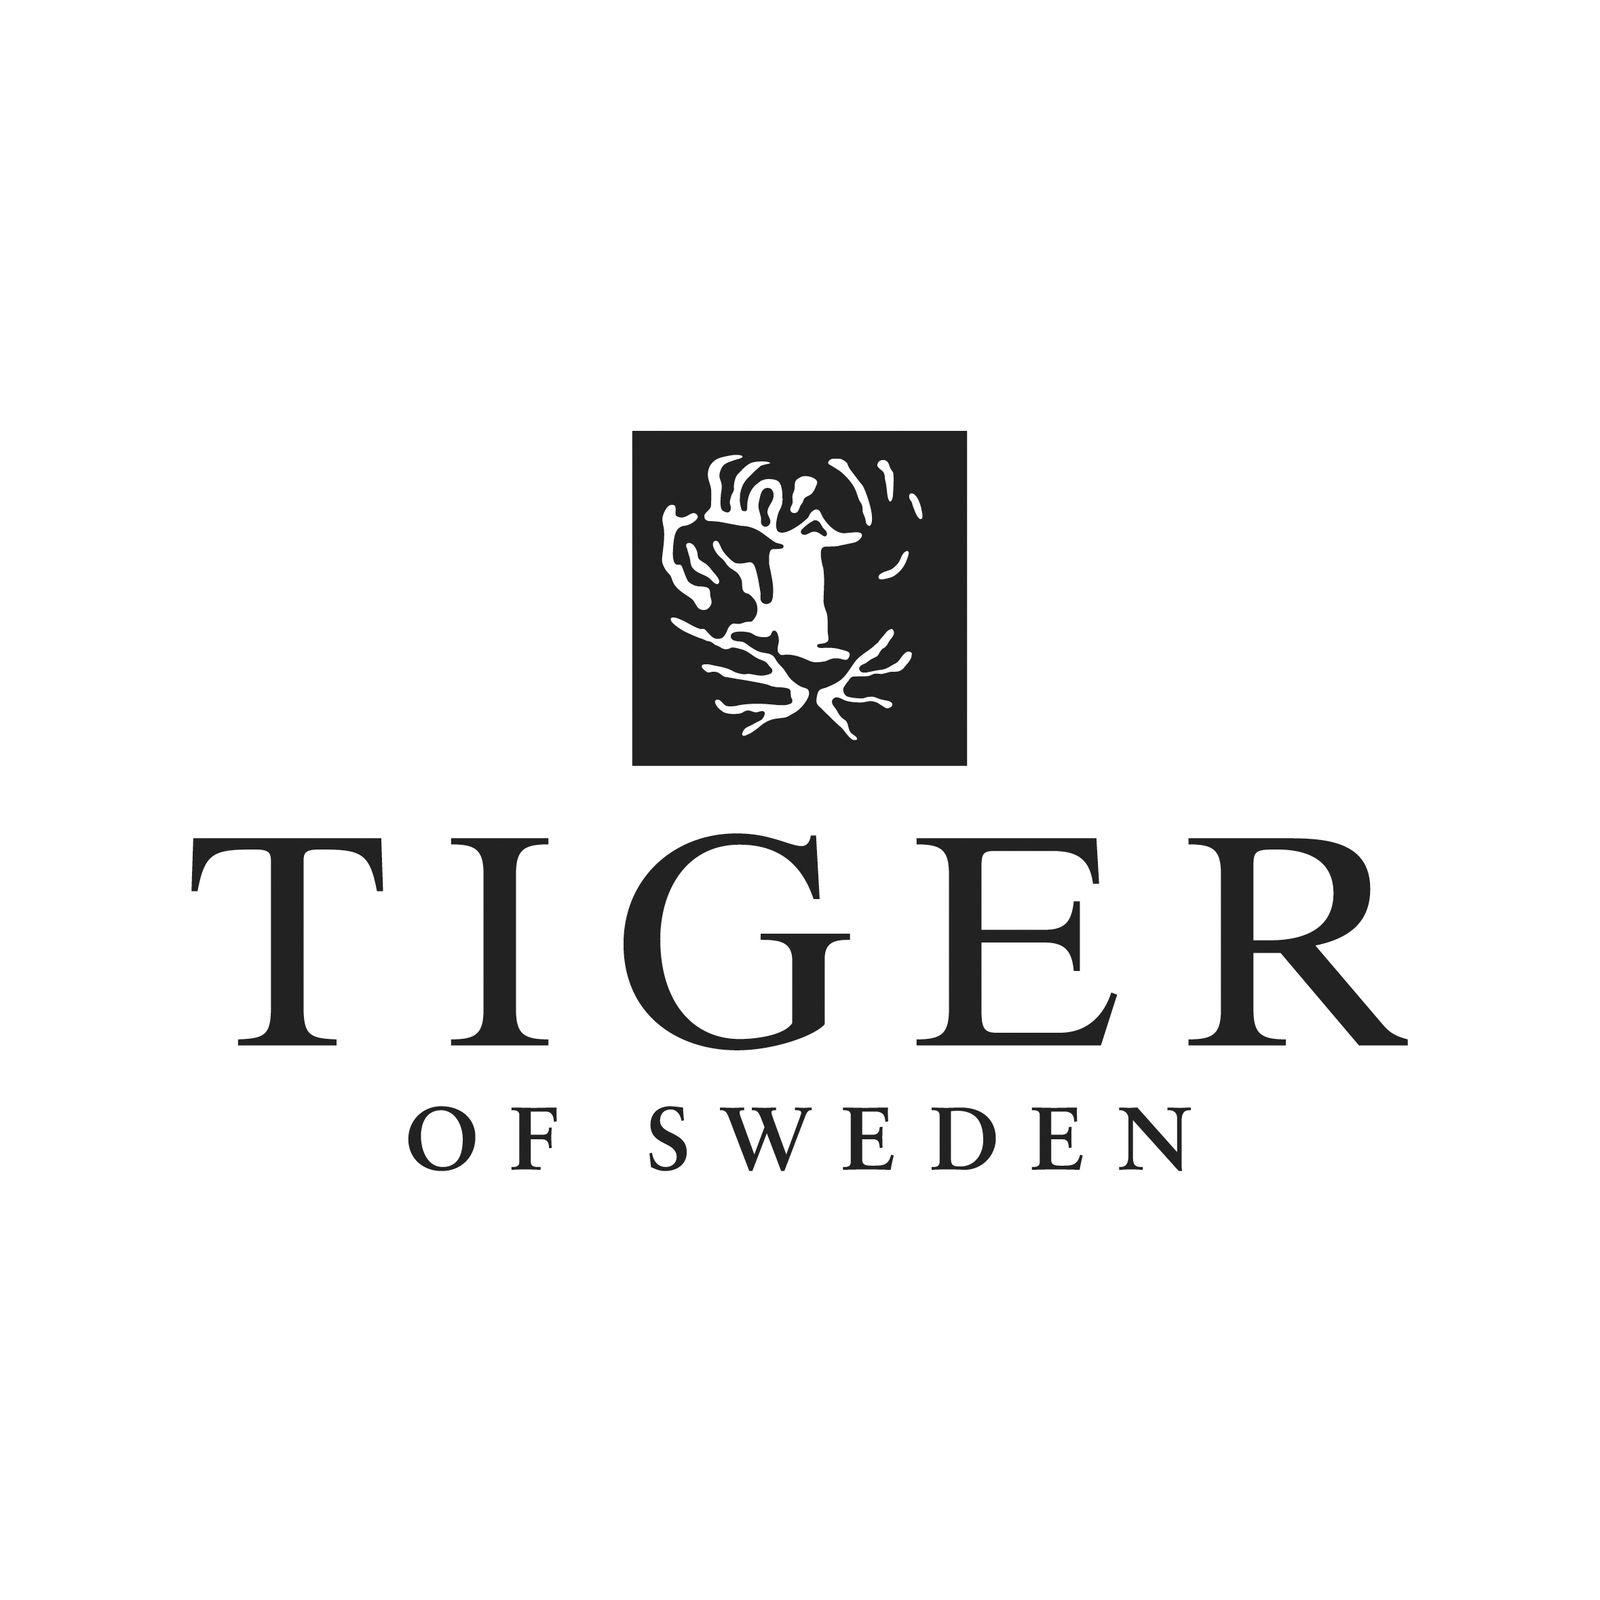 TIGER OF SWEDEN (Bild 1)